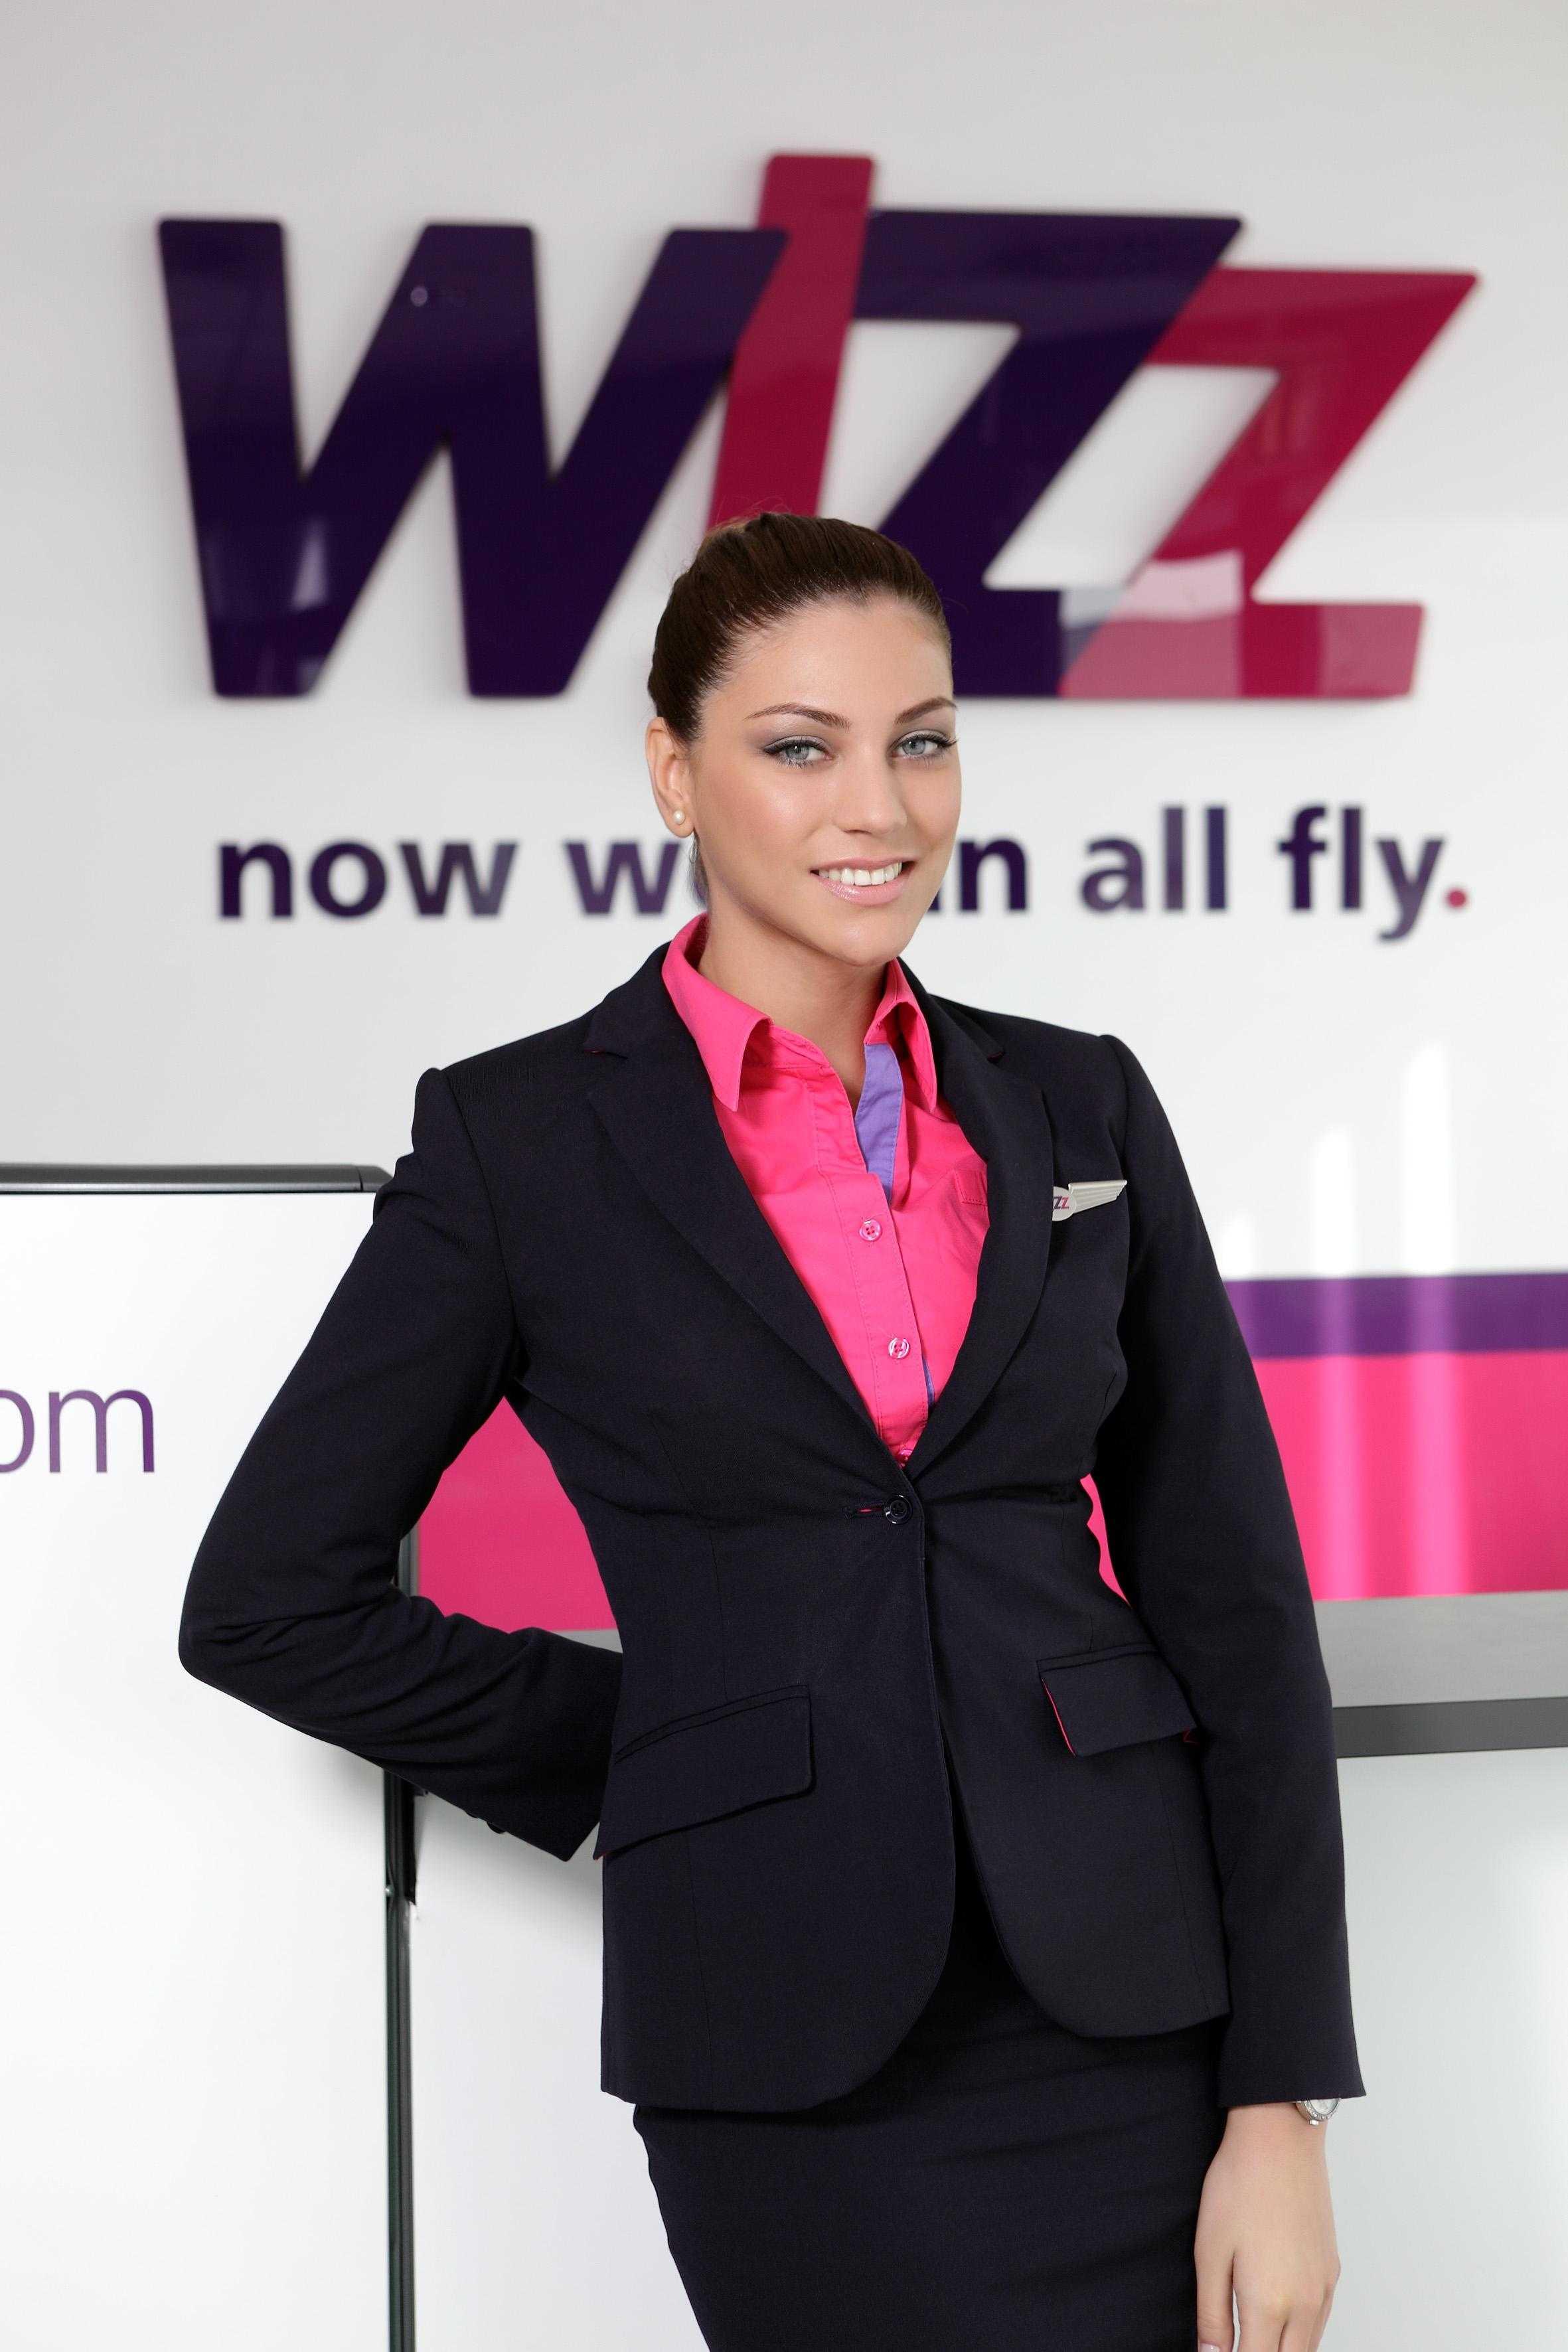 Alice Ciucur Ambasadoare Wizz Air in Romania